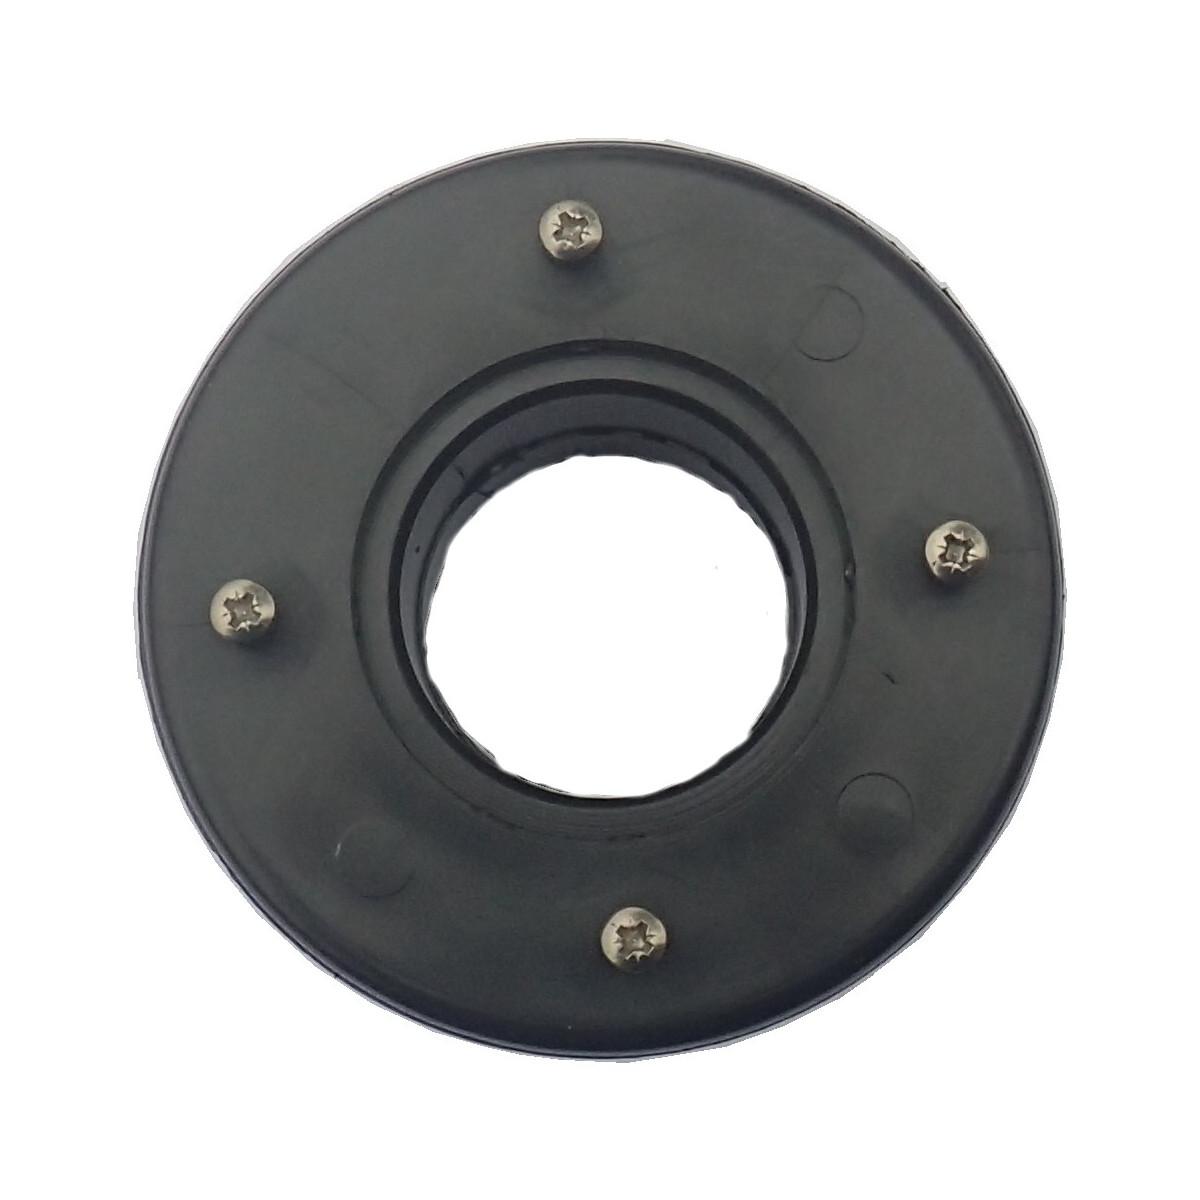 RST-VERSAND (Eigenmarke) Folienflansch ABS 32 mm